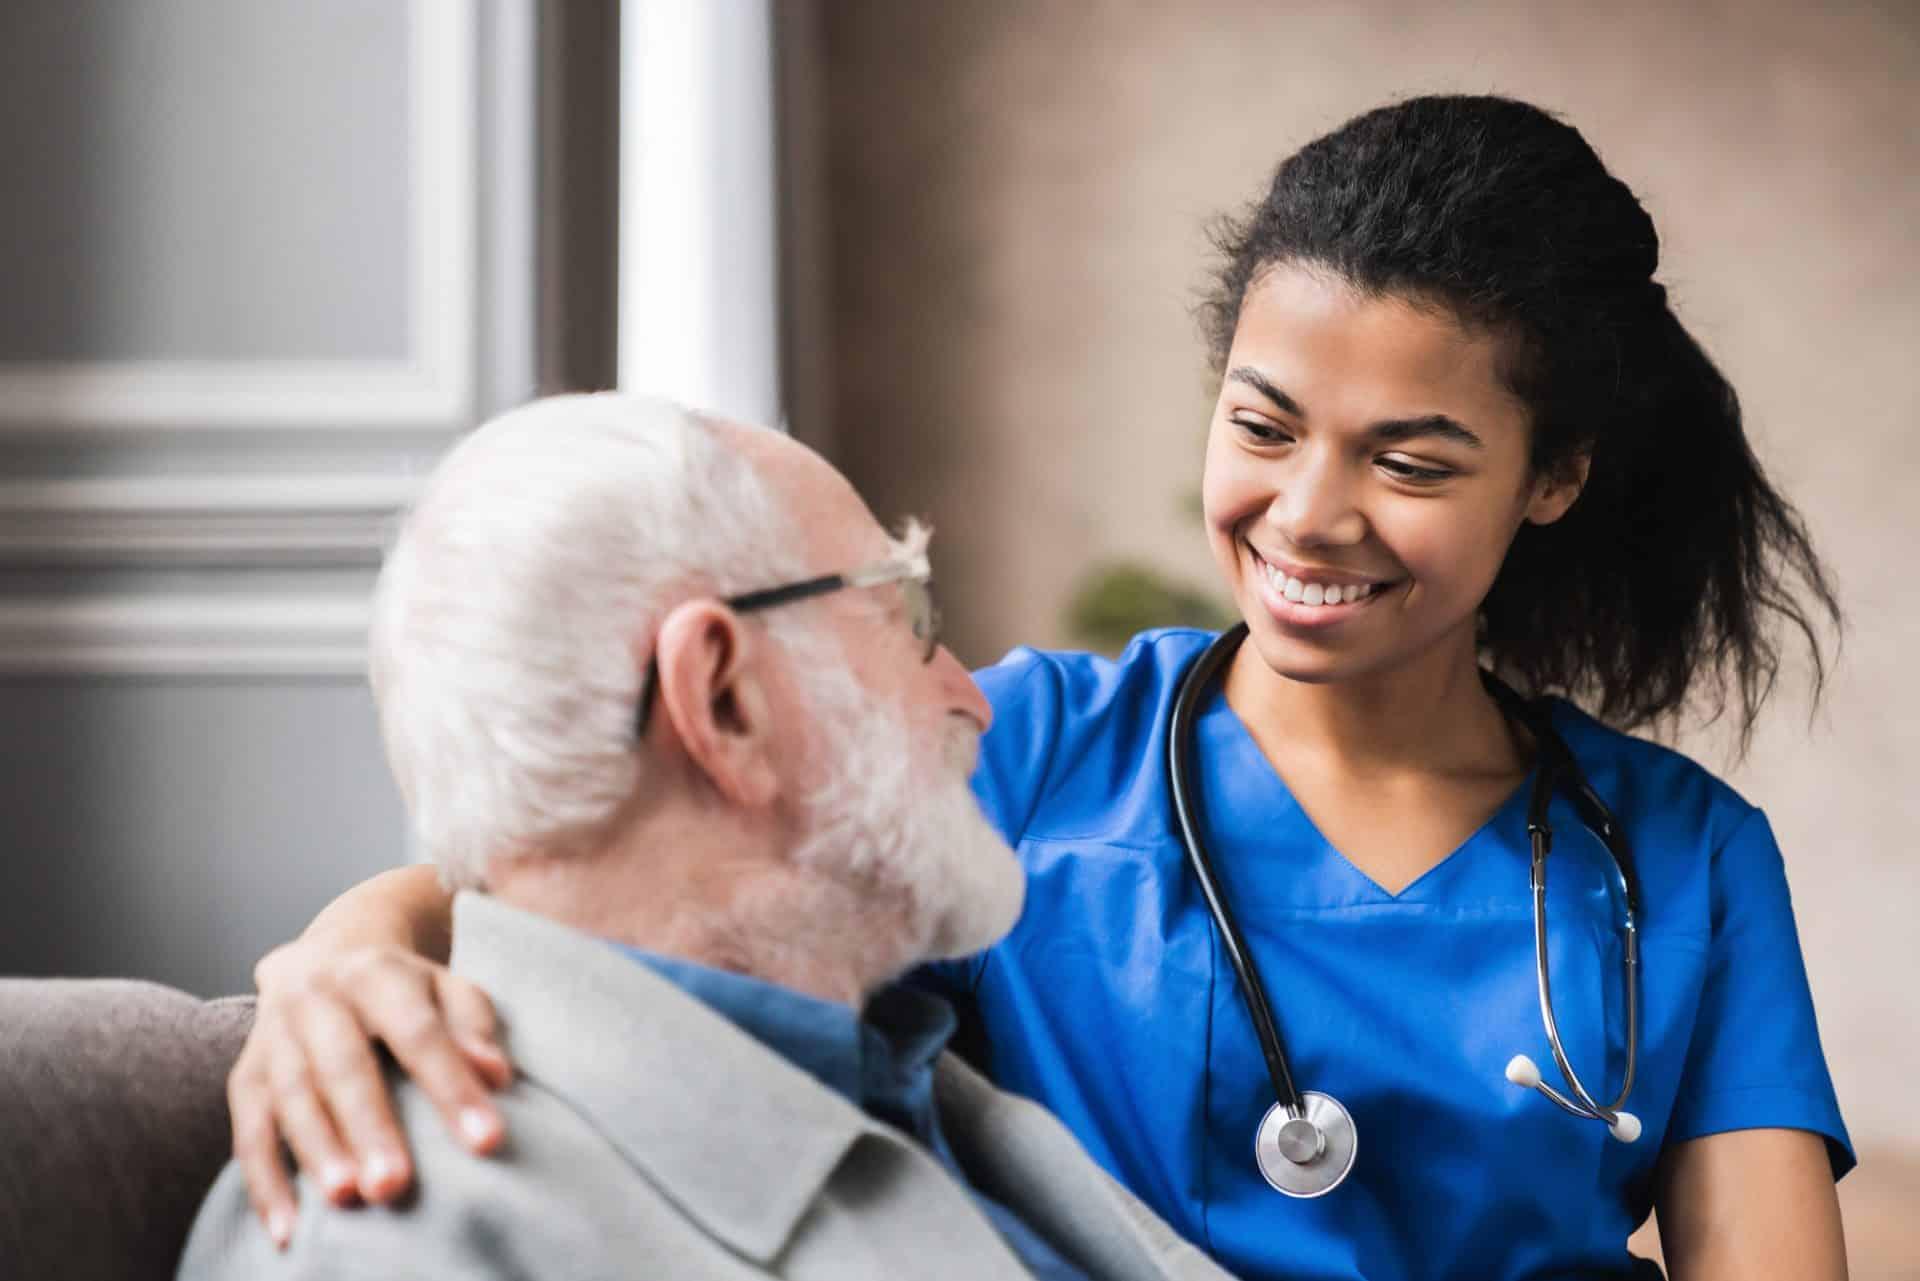 看護師と高齢者の写真